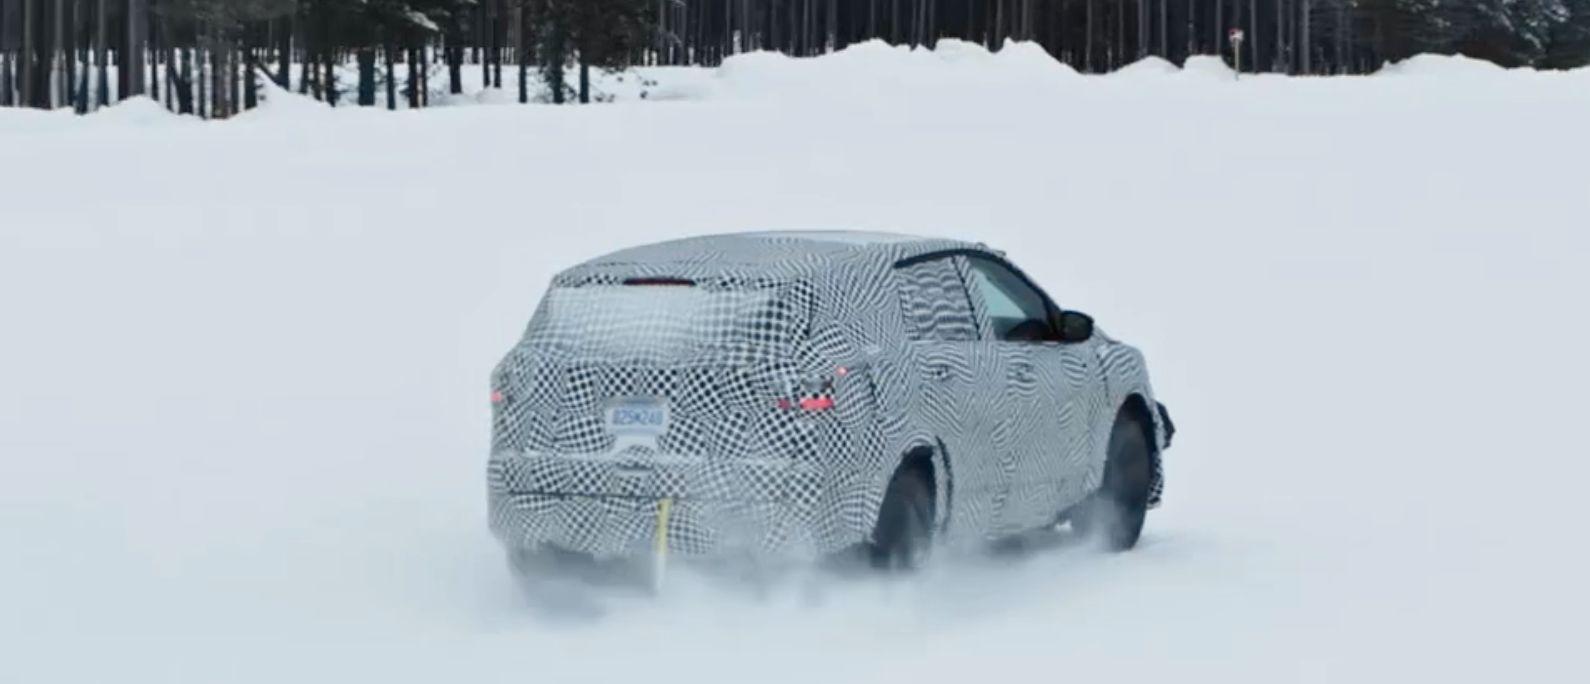 Det eneste offisielle glimtet vi har fått av Mach-E er en video Ford publiserte av en heftig kamuflert utgave av bilen på vintertesting. Formen på bilen må imidlertid taes med en stor klype salt, spionbilder har for eksempel vist et betydelig lavere og mer sporty bakparti.